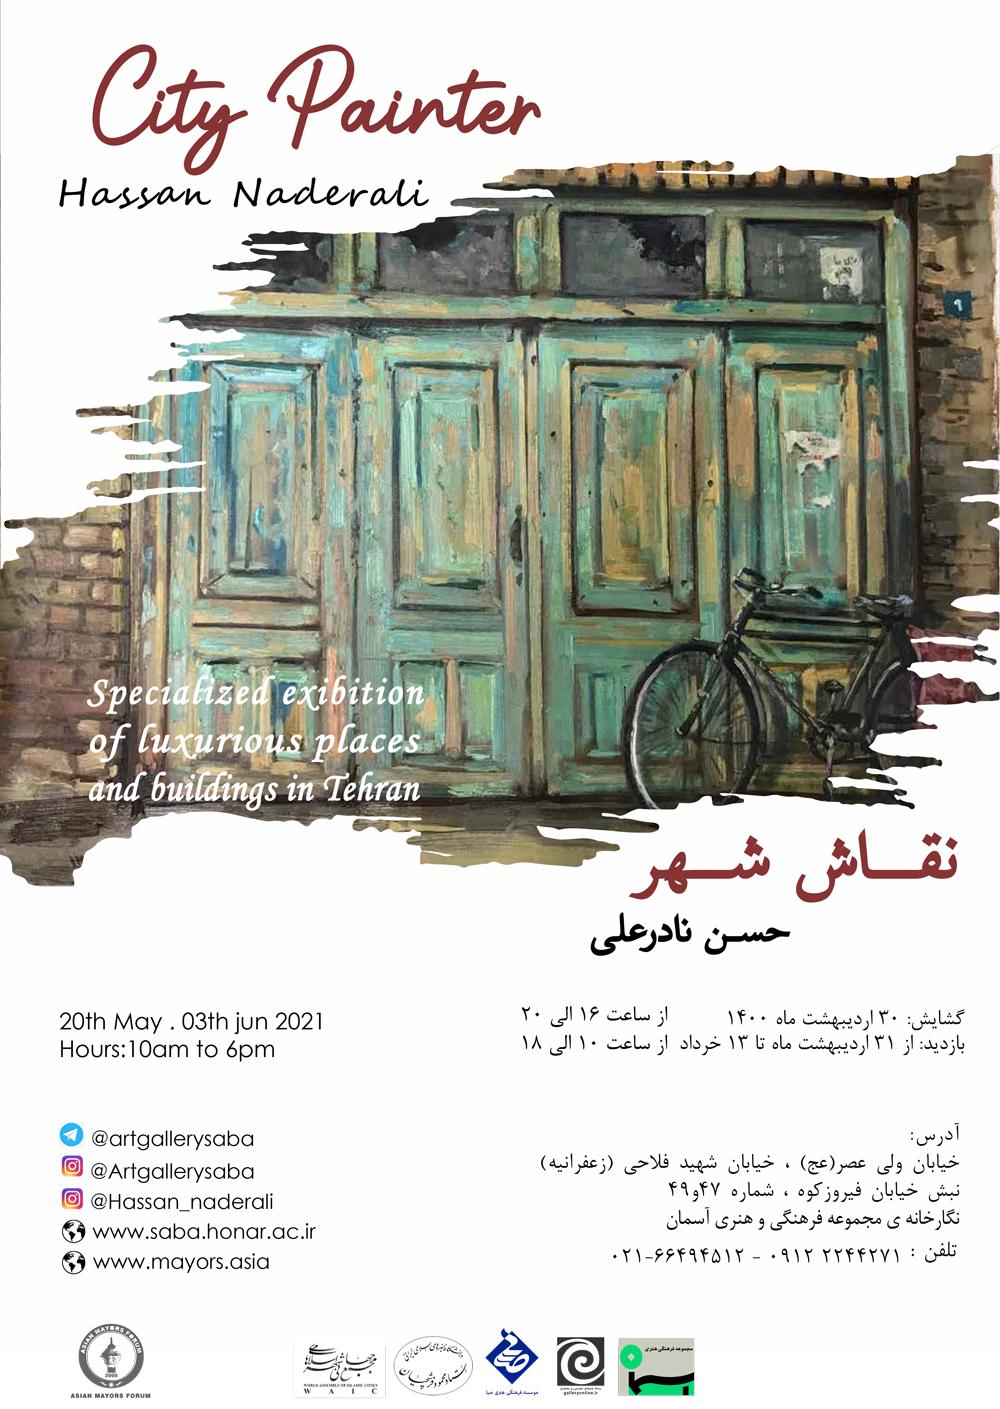 موسسه فرهنگی هنری وپژوهشی صبا میزبان نقاشی های «نقاش شهر» در نگارخانه آسمان می شود